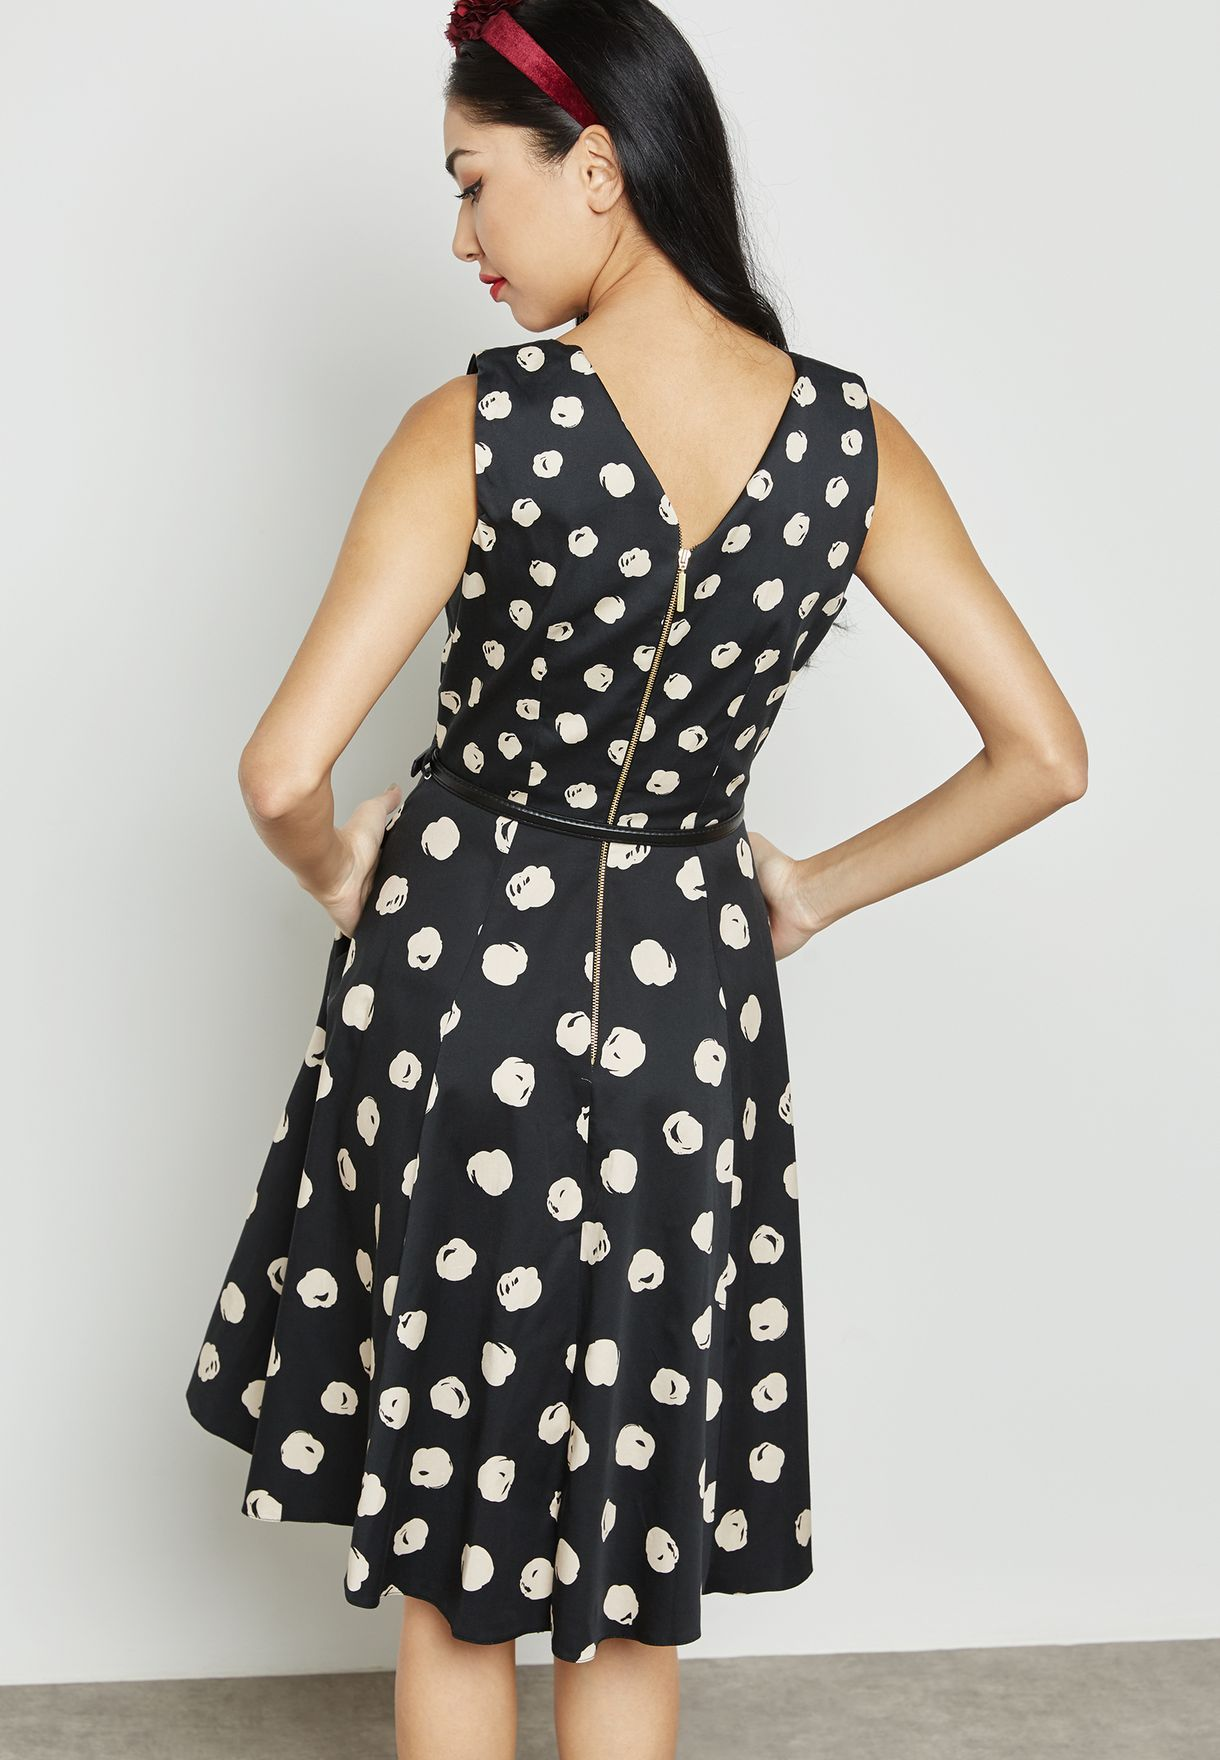 1d8cd1c7c تسوق فستان بتصميم واسع مع حزام ماركة كلوزيت لون طبعات D3266 في ...